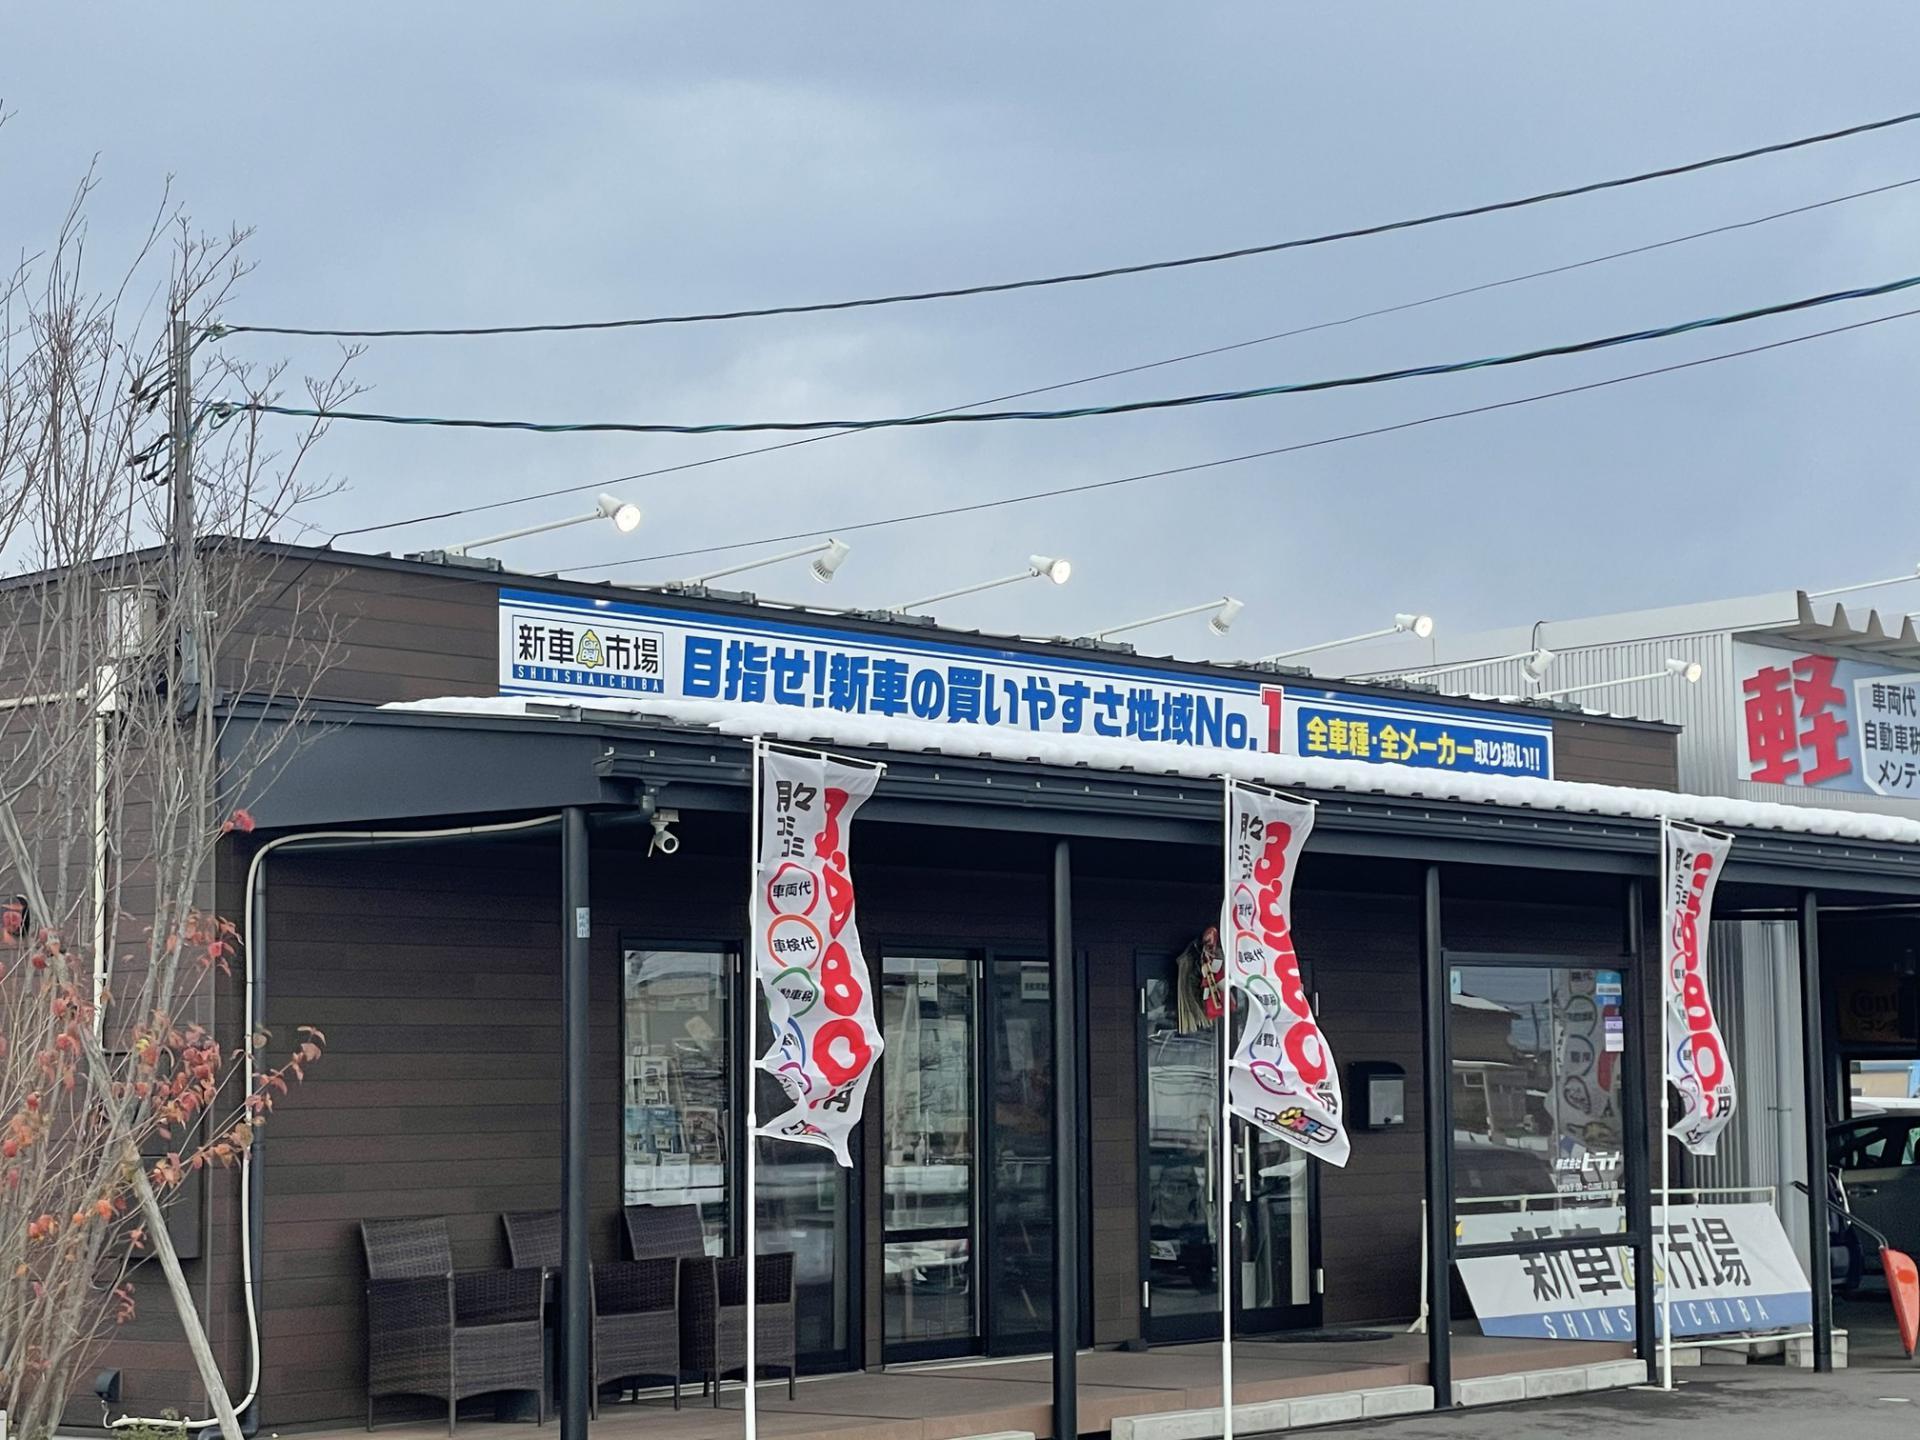 株式会社 ヒライ 新車市場 有沢店